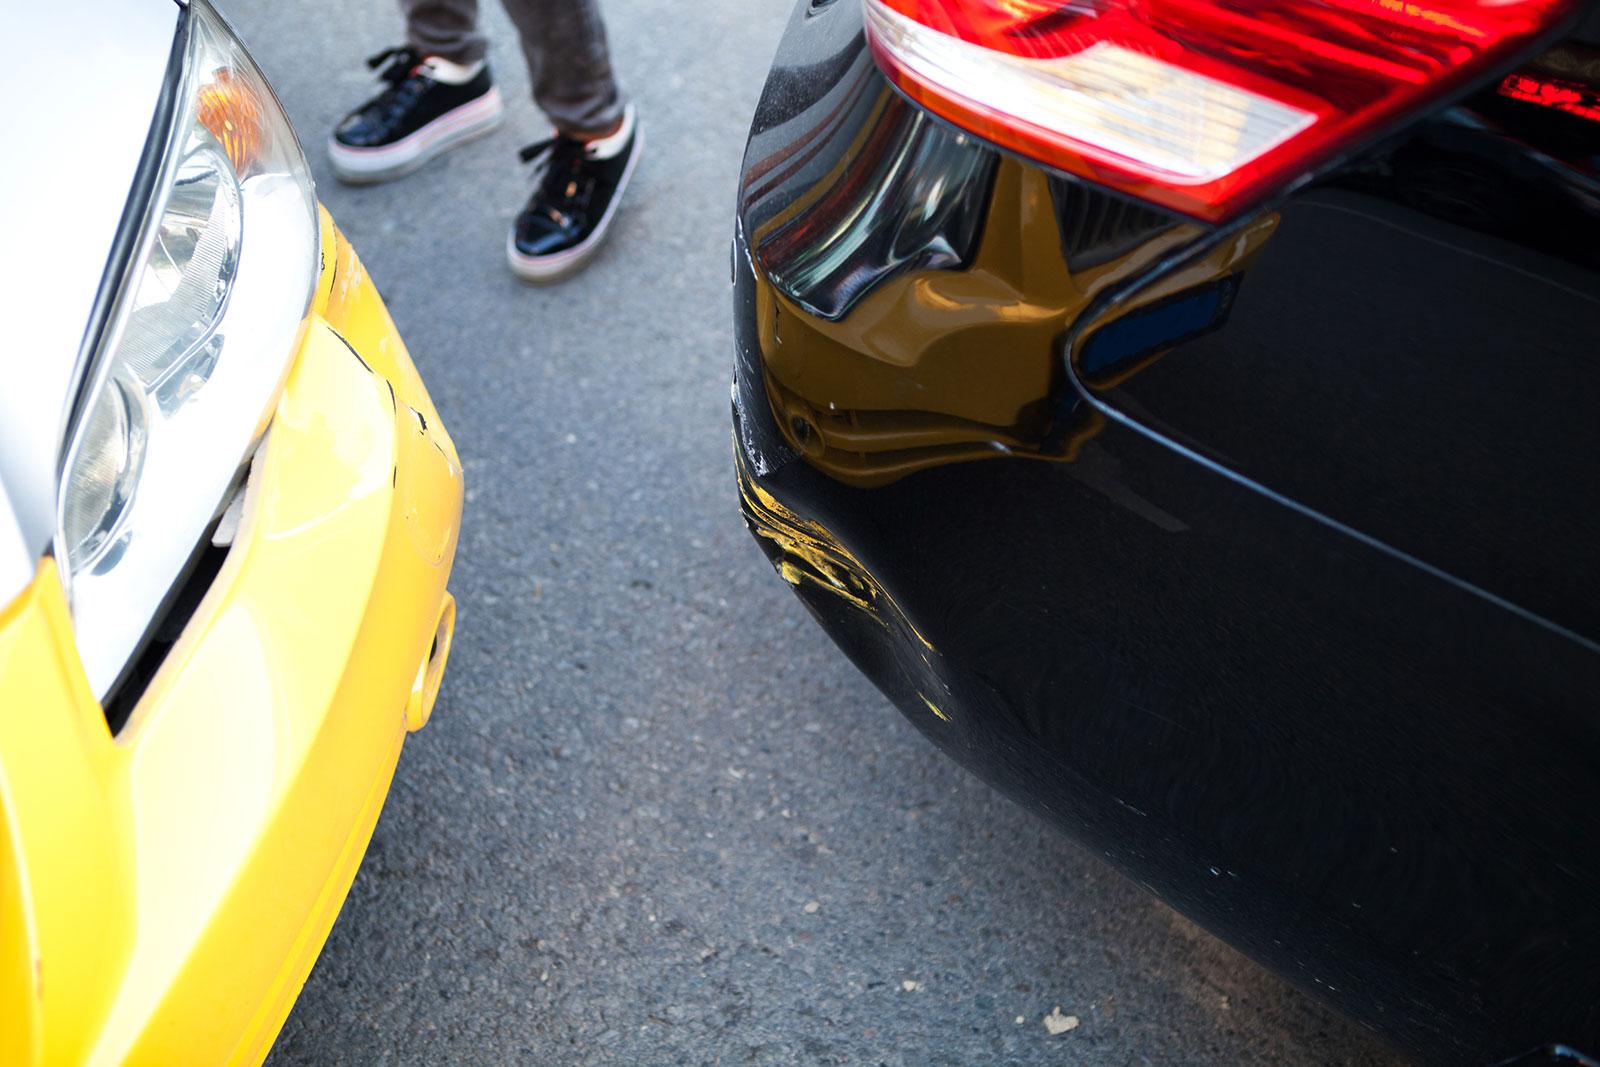 Zettel reicht nicht: Hast du ein parkendes Auto beschädigt, warte auf den Fahrzeugführer oder rufe die Polizei.